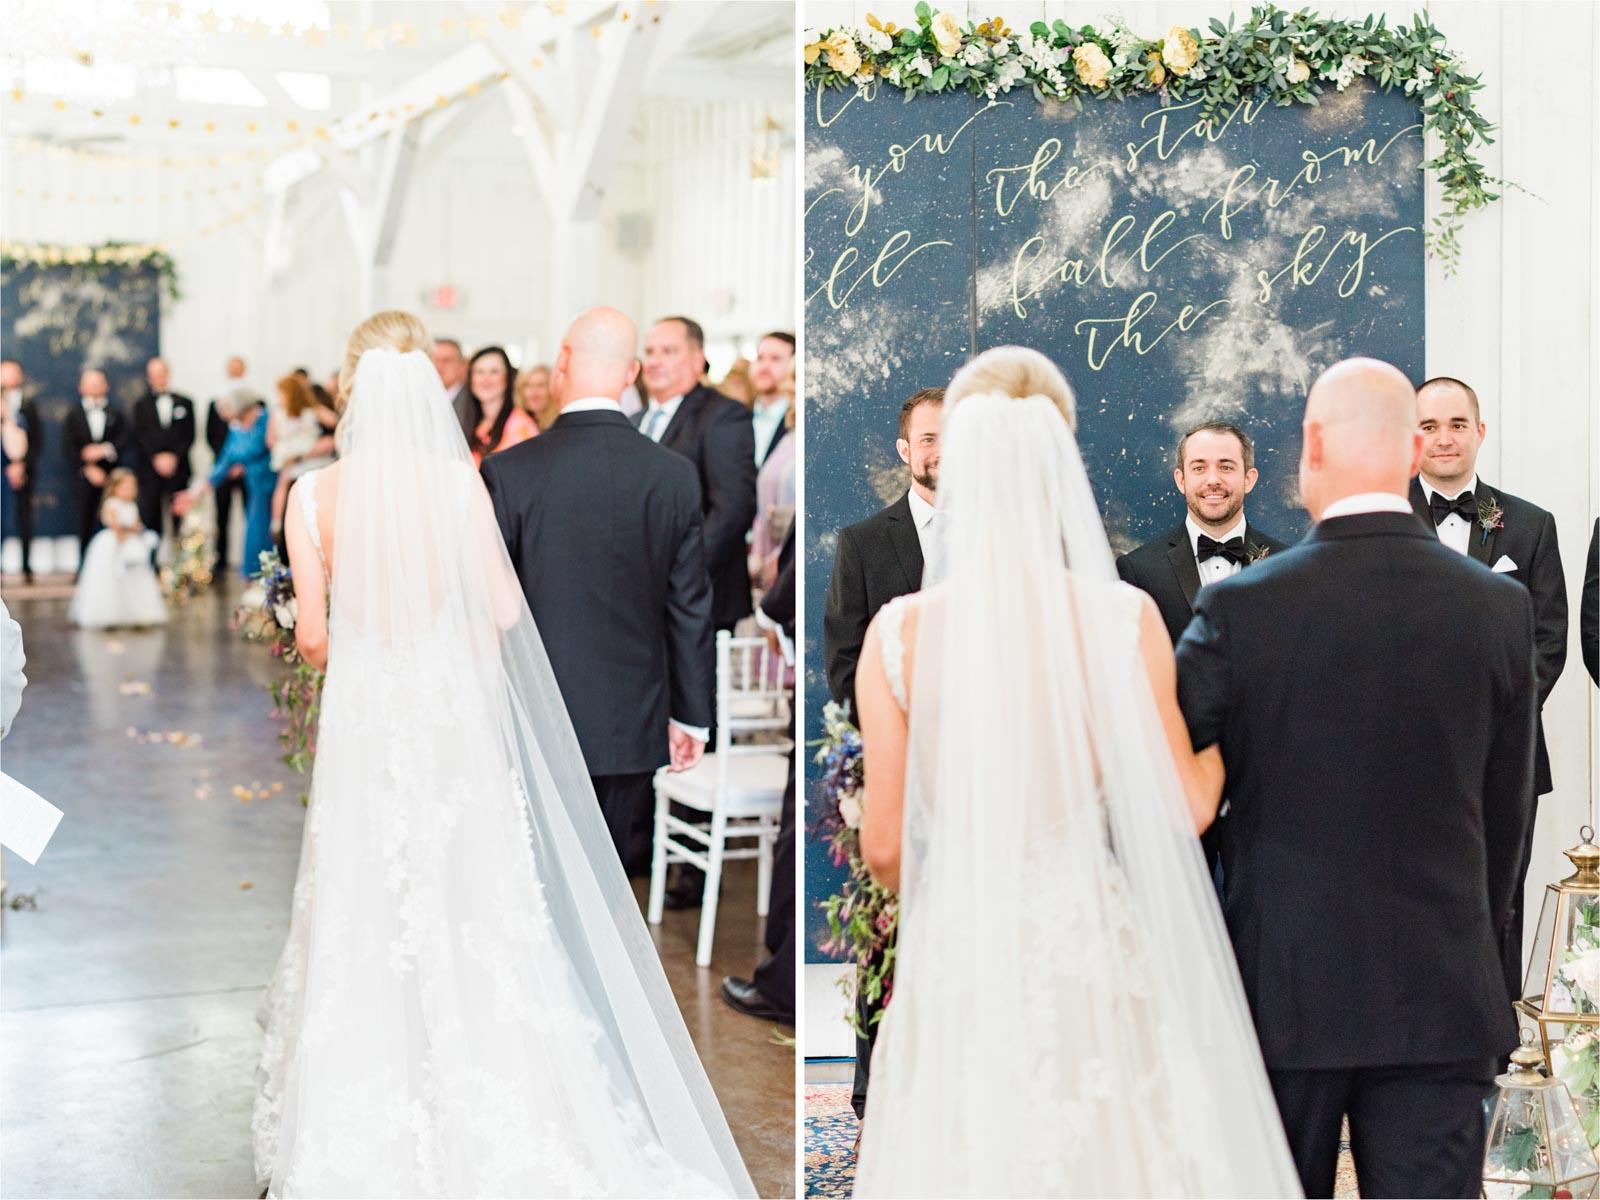 Aurora+Farms+Wedding+in+Greenville,+SC+Markie+Walden+Photography-134.jpg